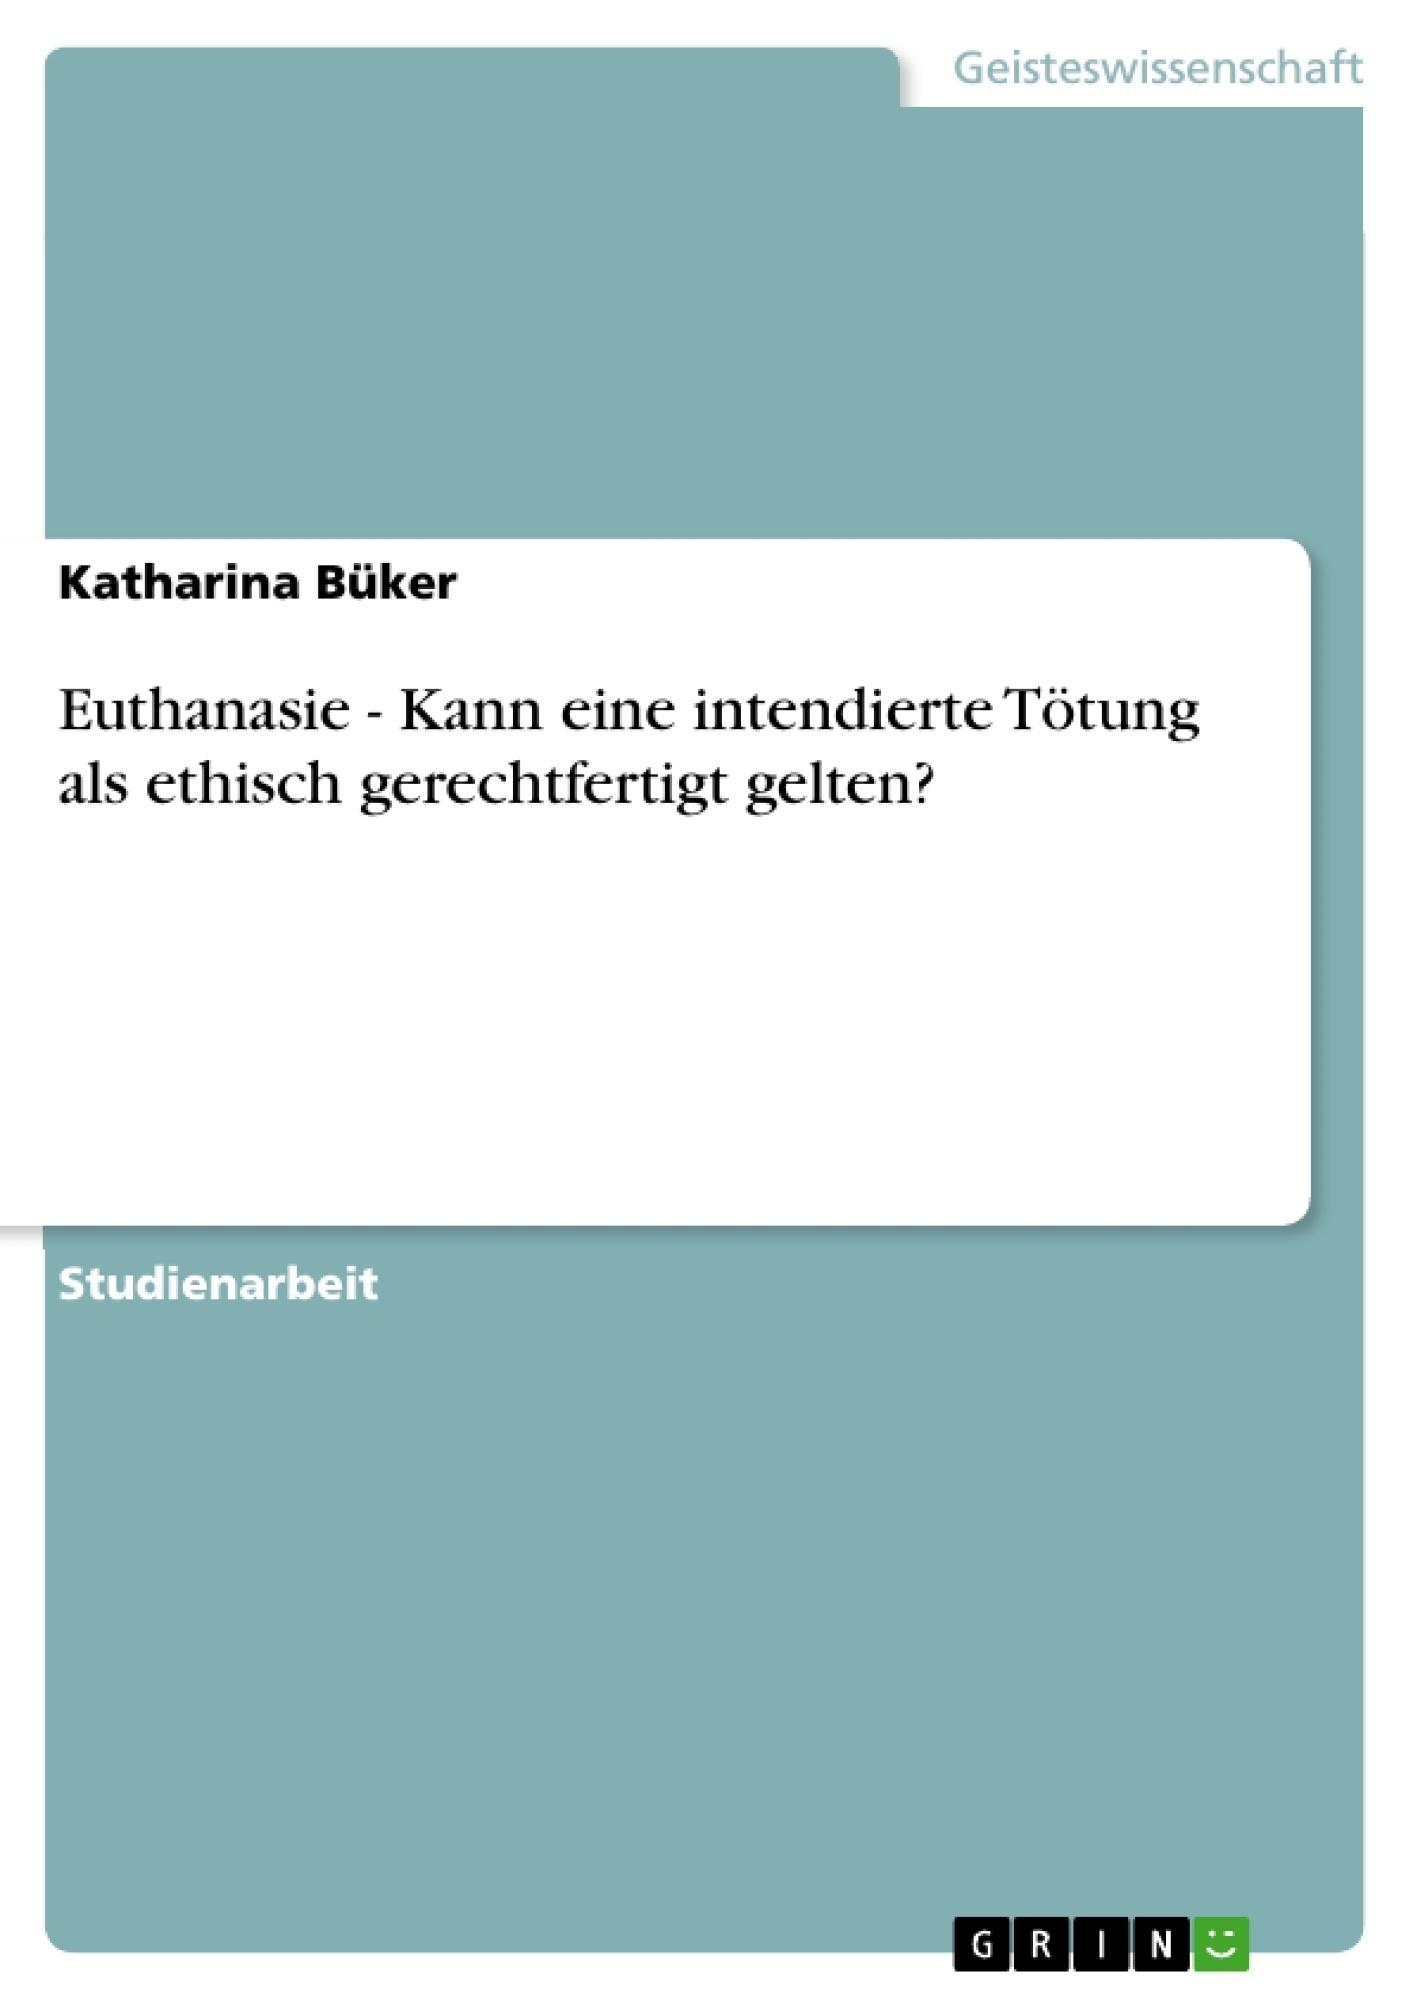 Titel: Euthanasie - Kann eine intendierte Tötung als ethisch gerechtfertigt gelten?